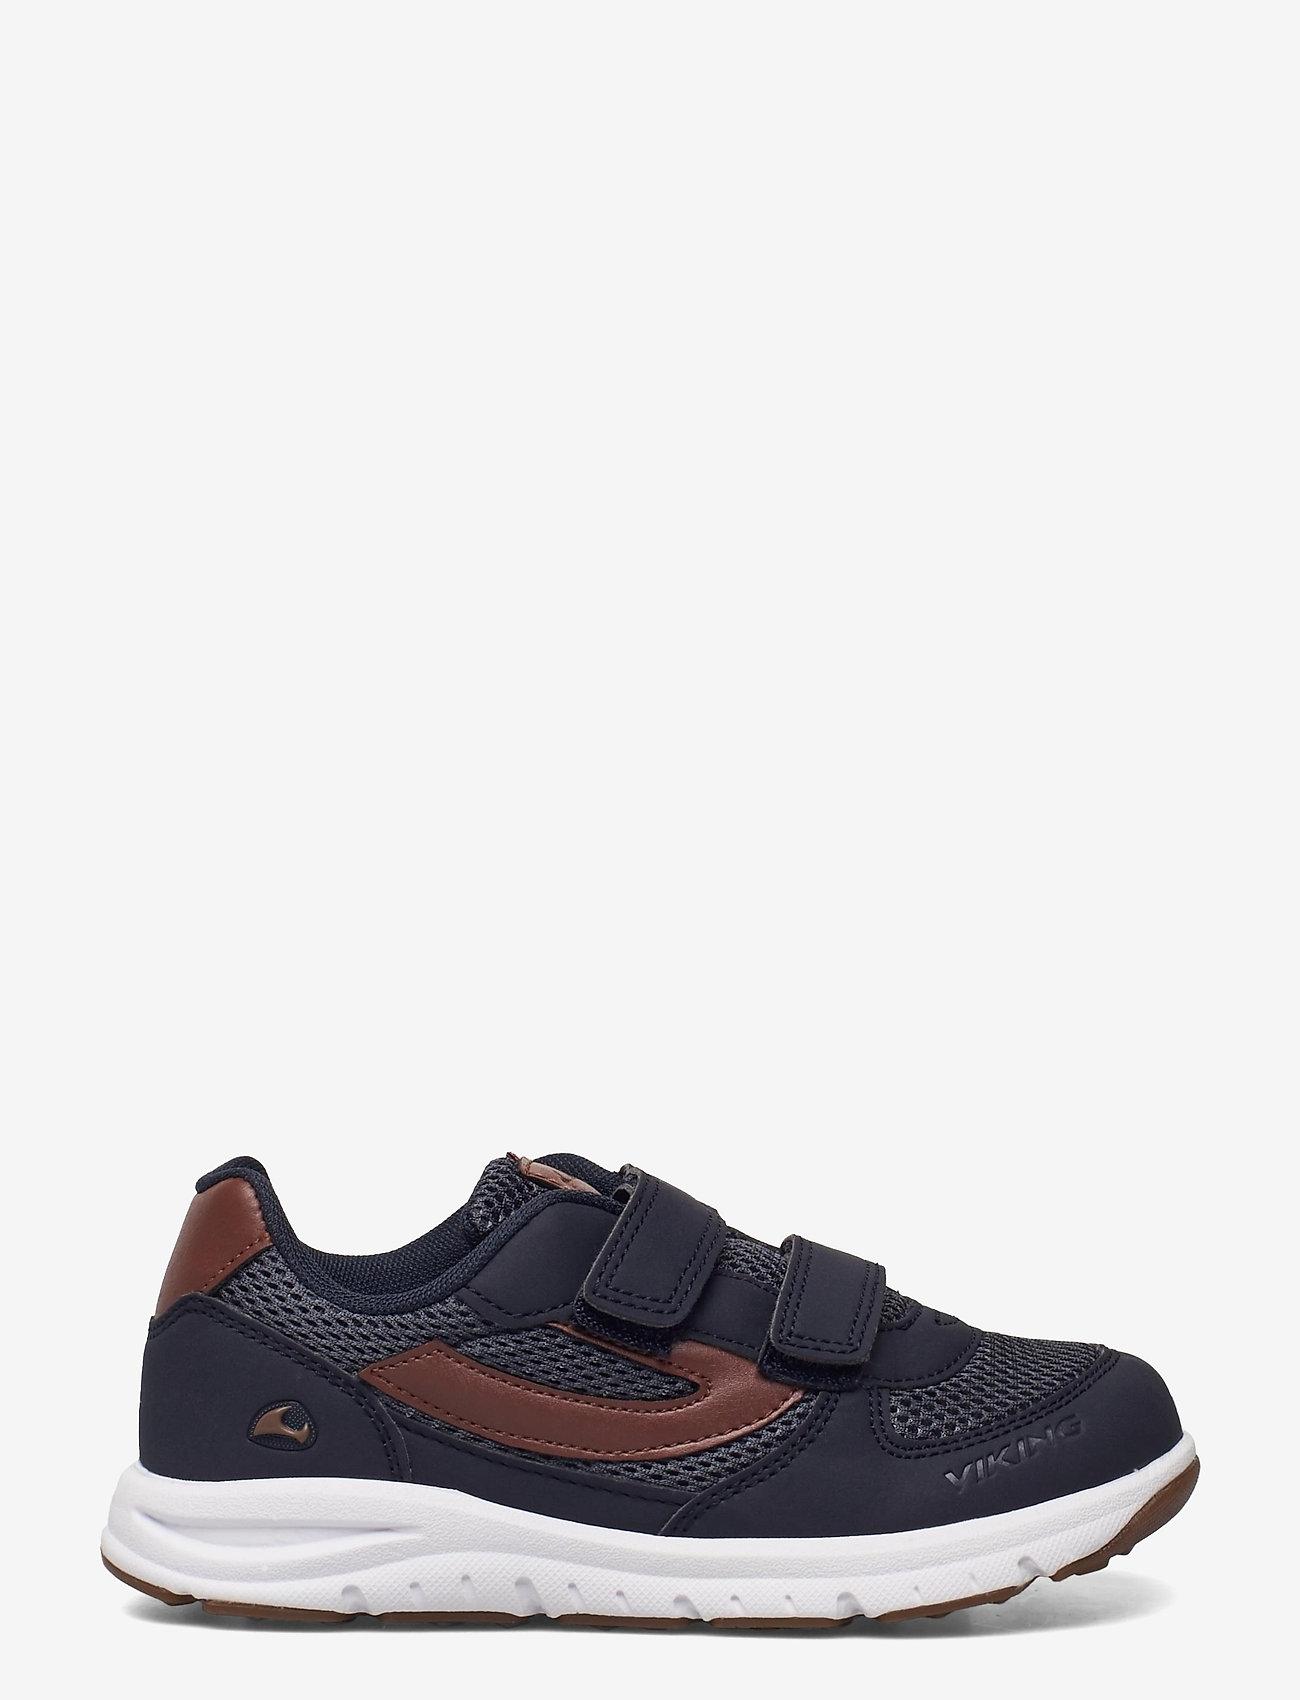 Viking - HOVET - low-top sneakers - navy/cognac - 1